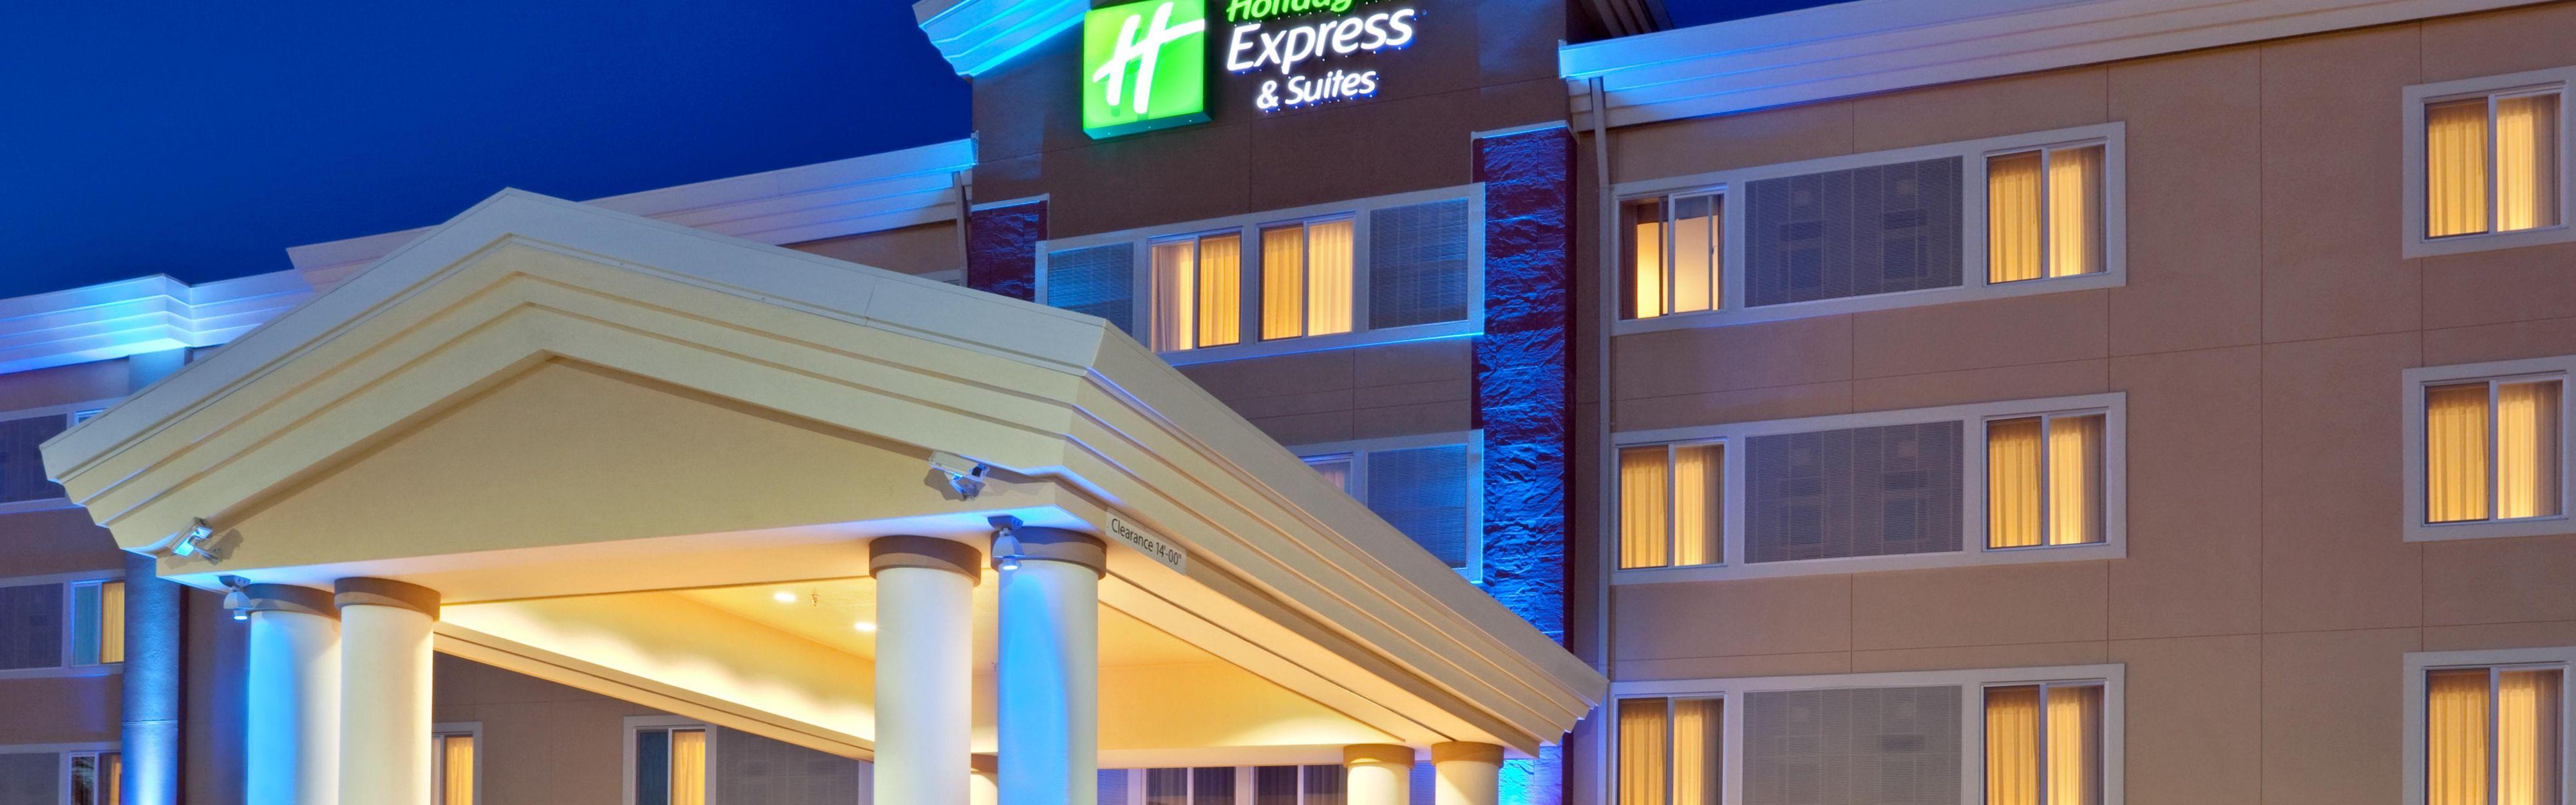 Motels In Chehalis Wa